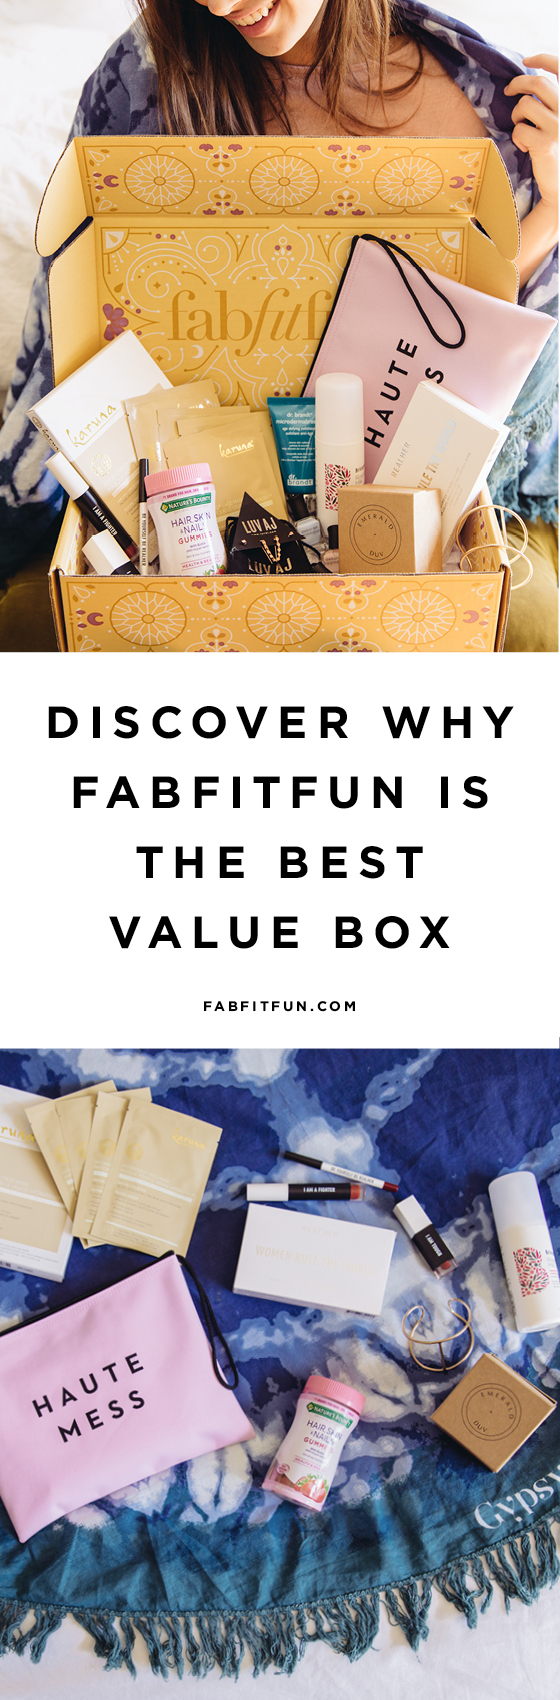 fabfifun